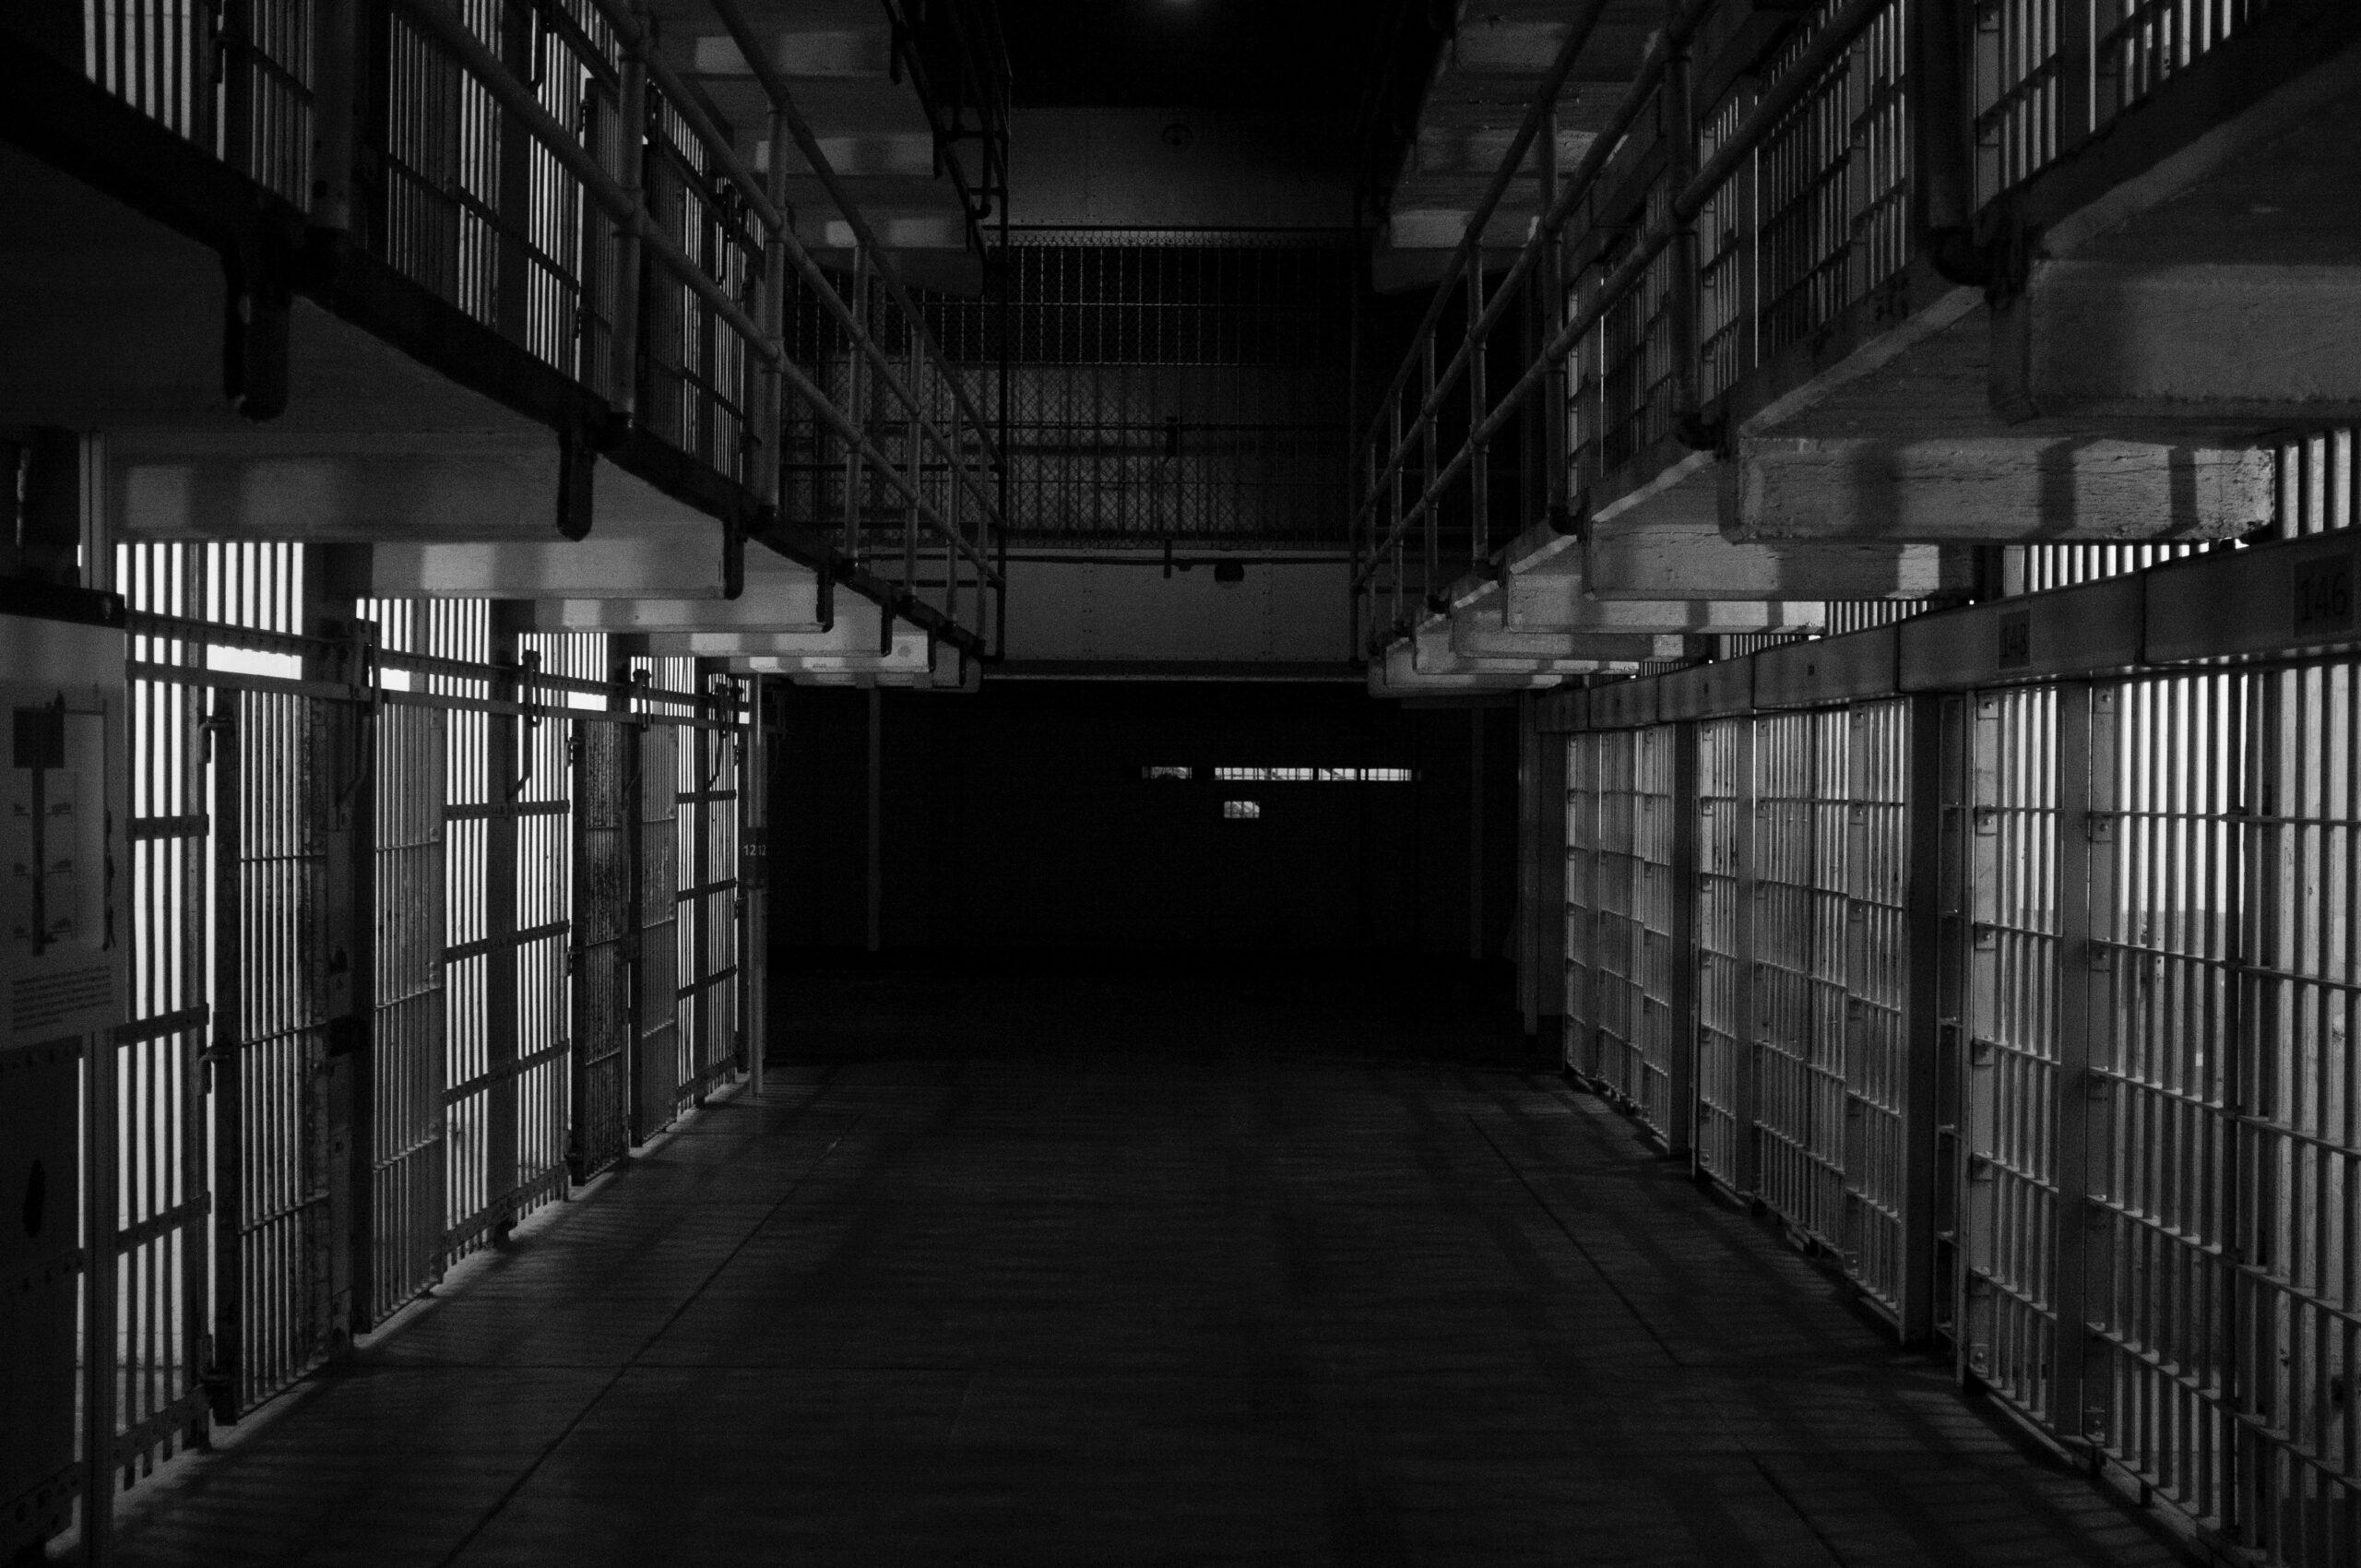 KOMUNIKAT MS I SW: Zaostrzenie zasad bezpieczeństwa w zakładach karnych